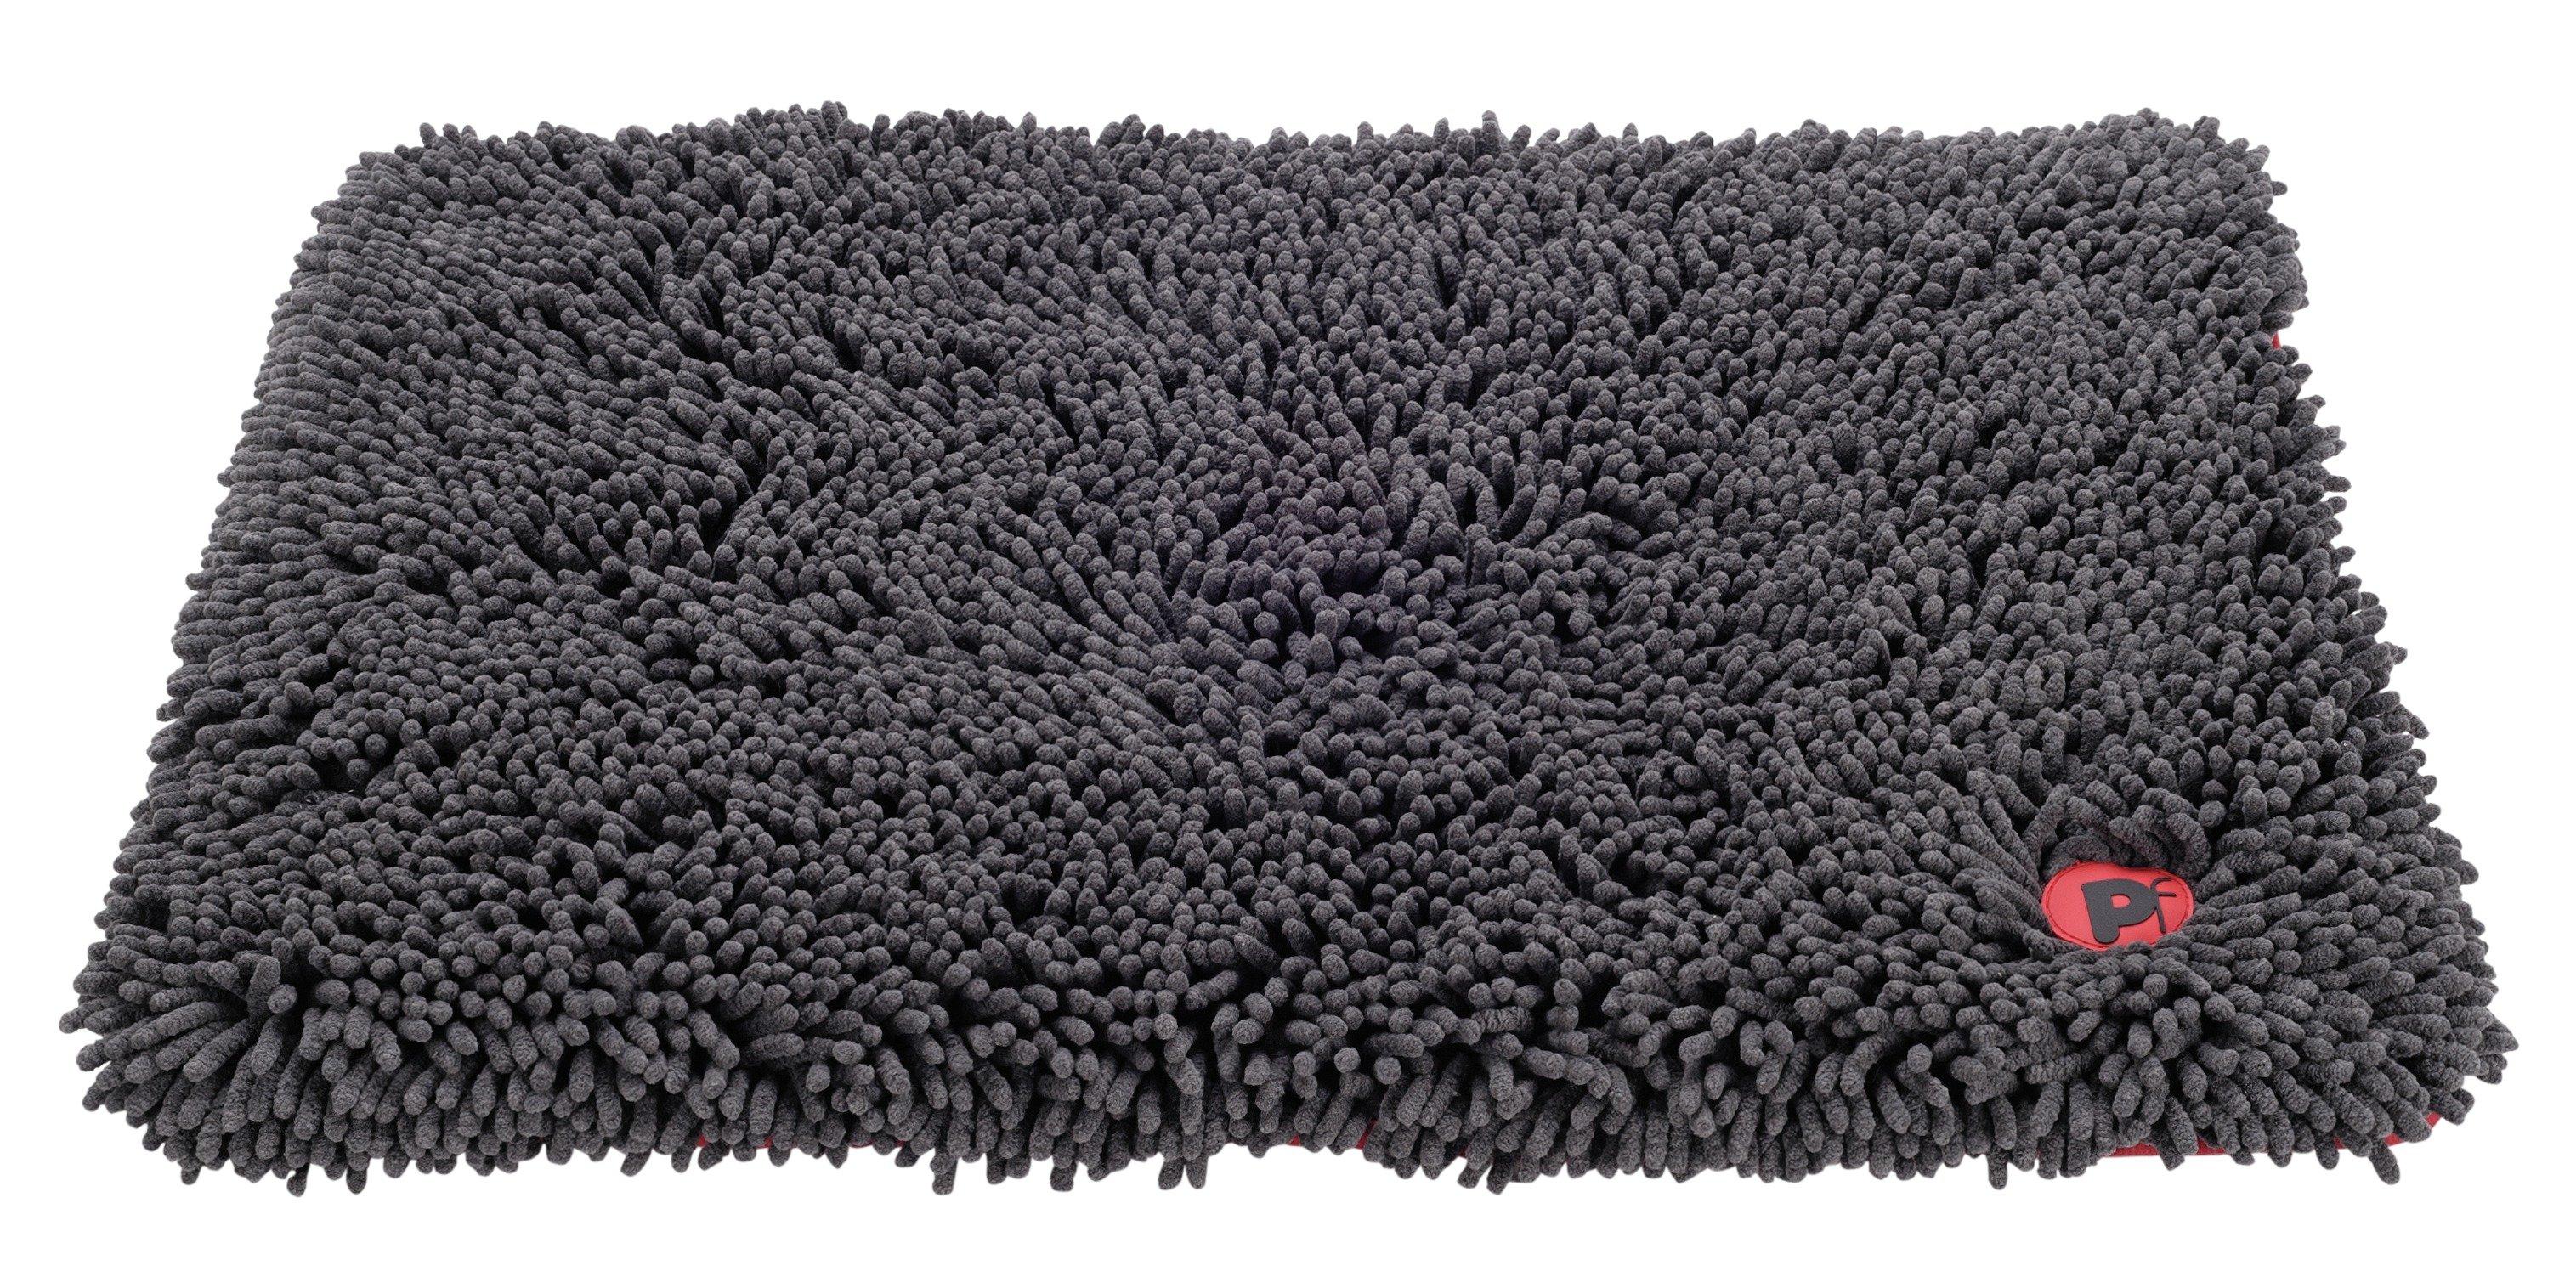 petface-memory-foam-microfiber-dog-crate-mat-medium